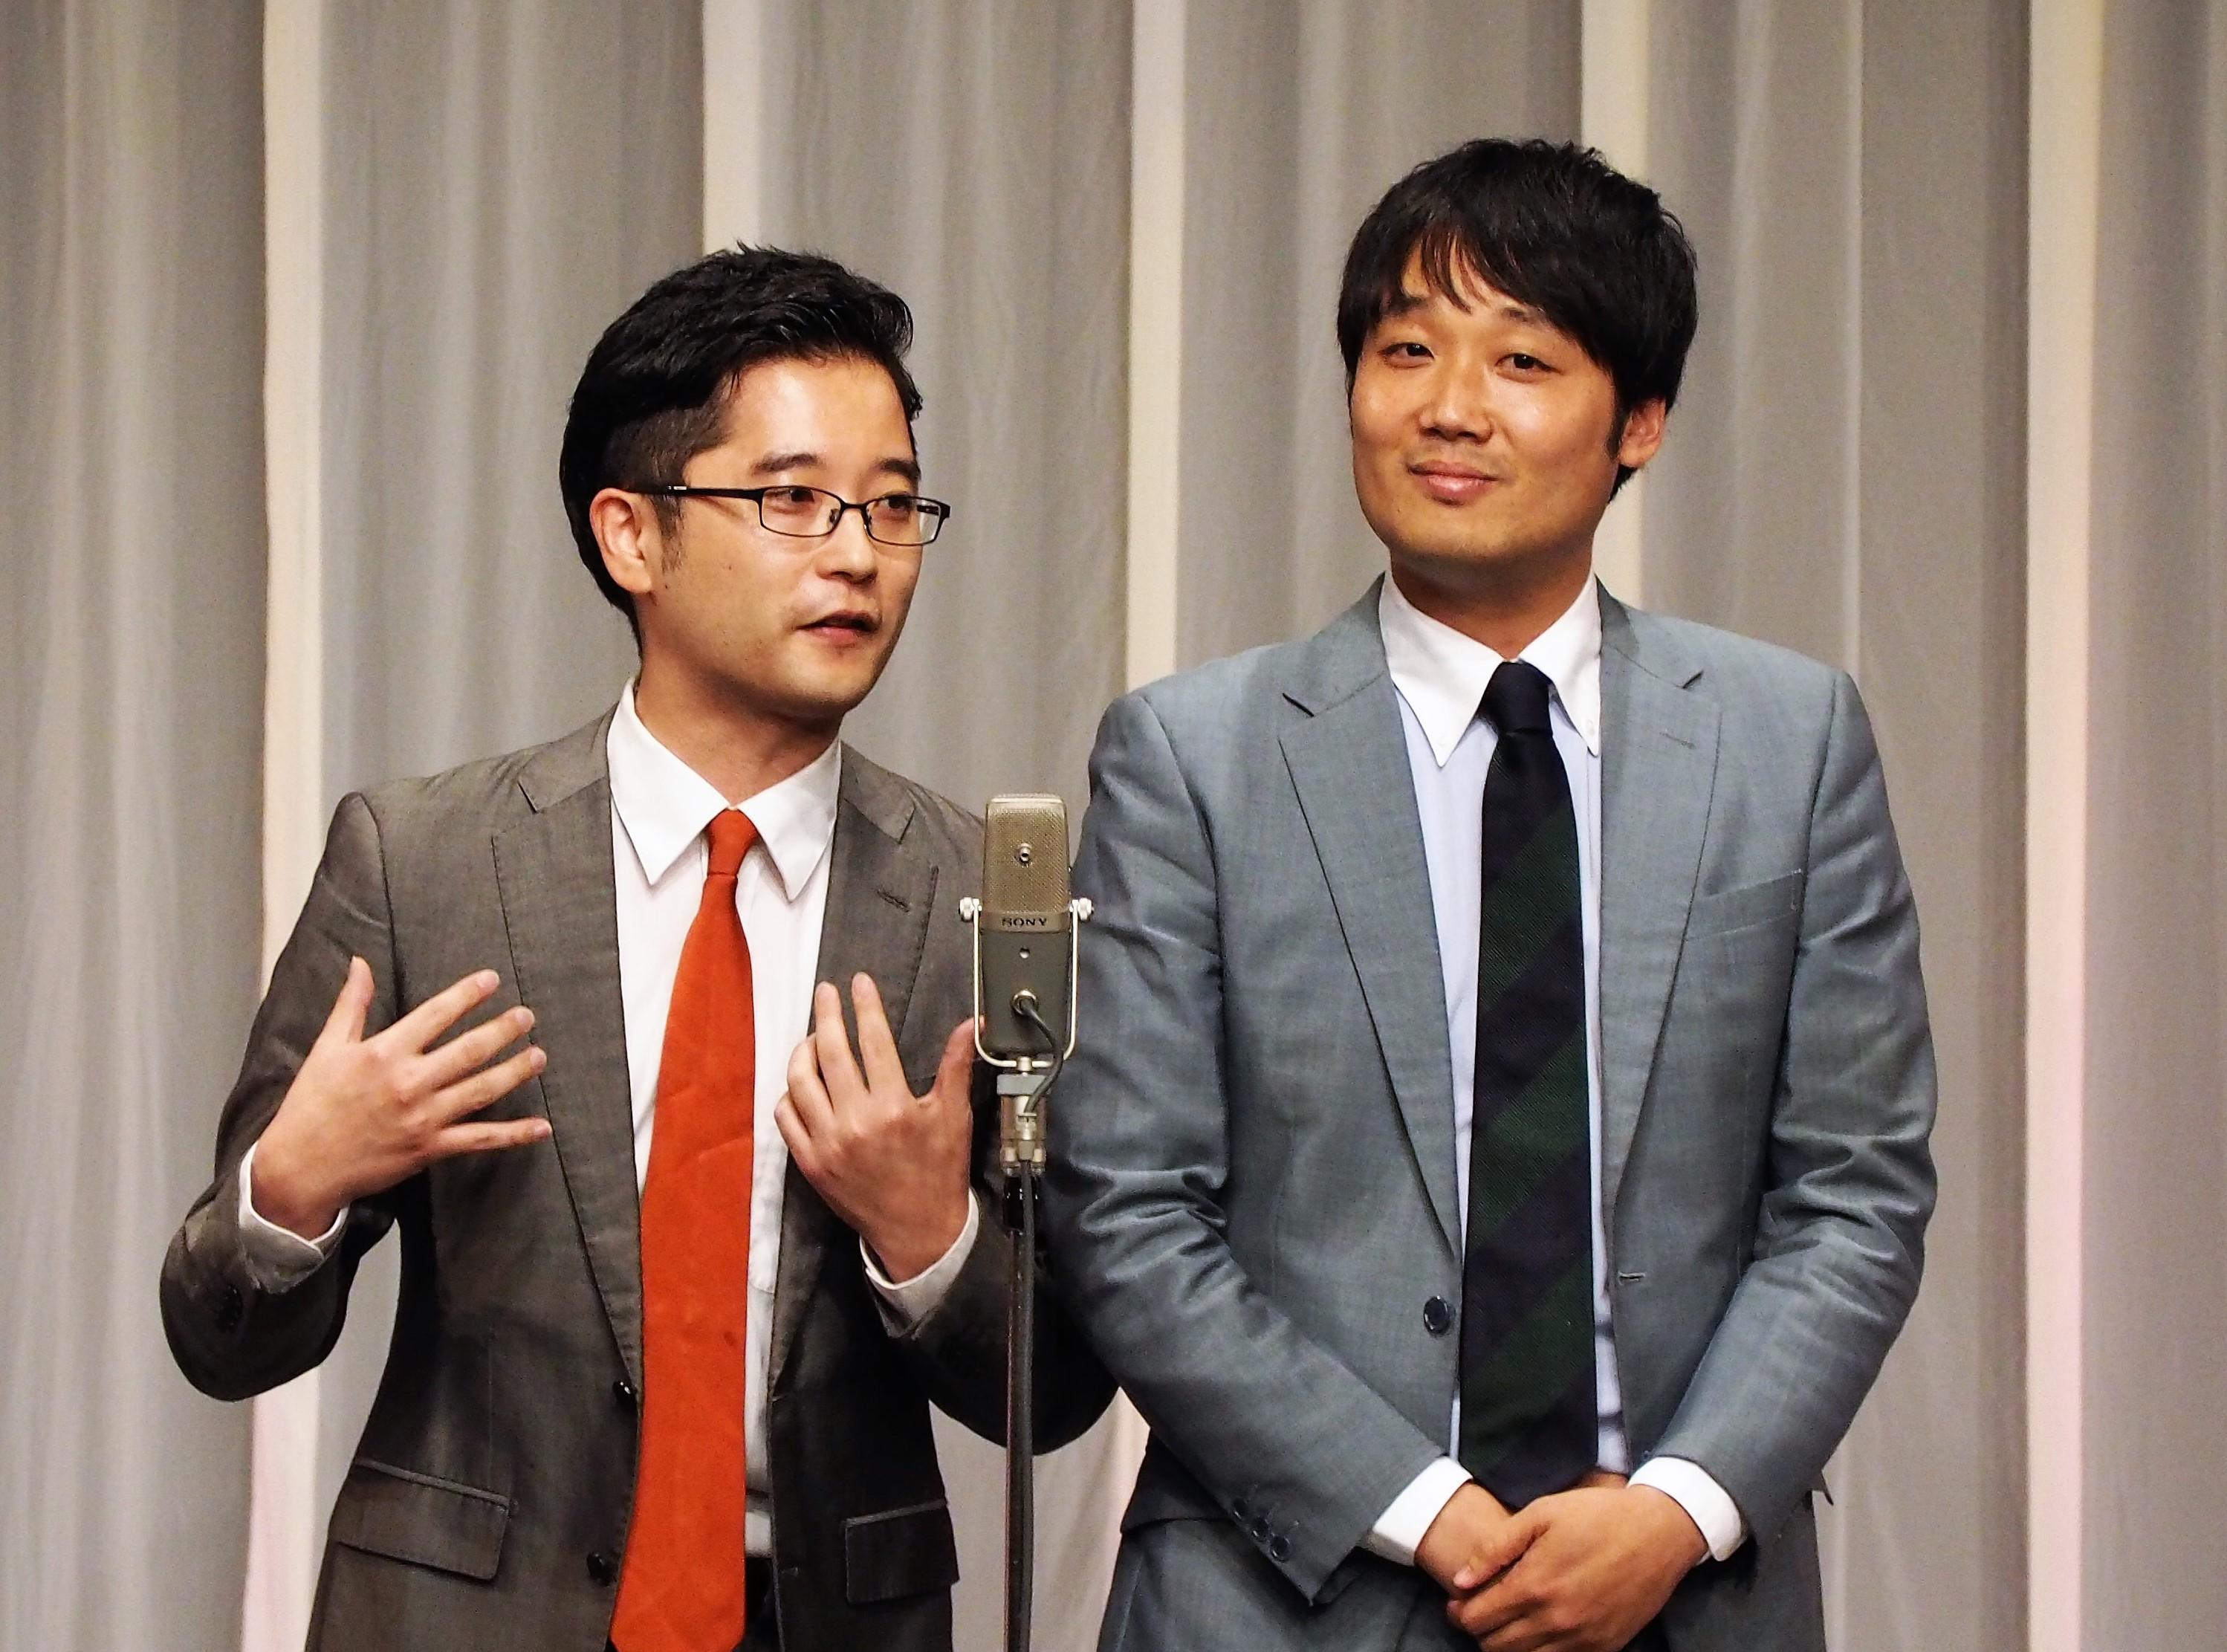 http://news.yoshimoto.co.jp/20180704113916-39f2dda0f6e81e7be50edf14b11e3546c8d42d15.jpg